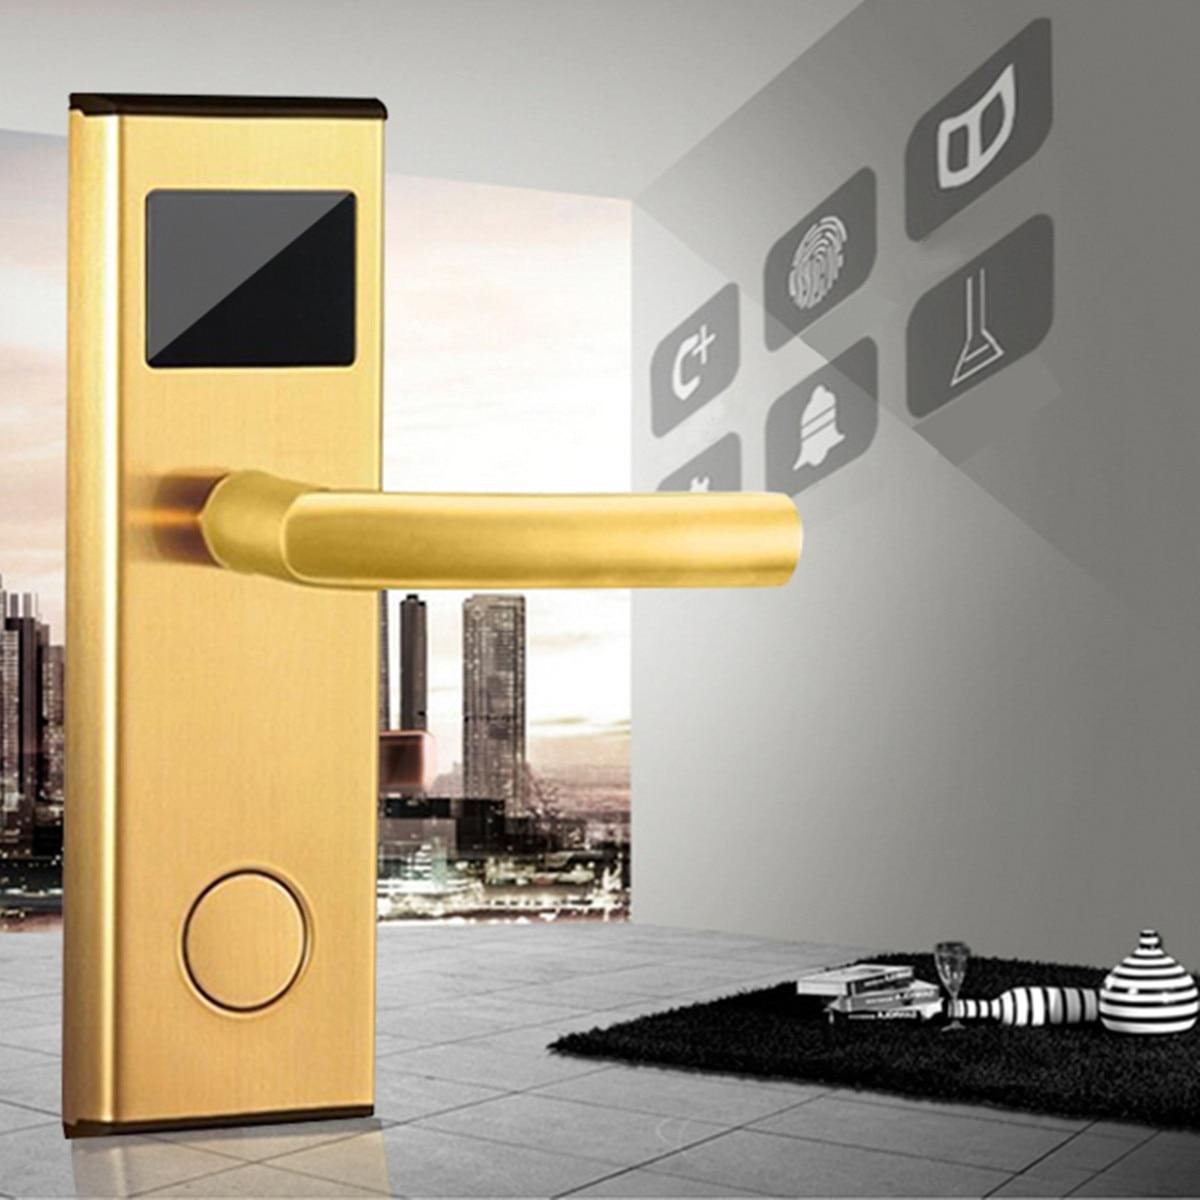 Système de Verrouillage De porte Or/Argent En Acier Inoxydable Intelligente RFID Carte-Clé Numérique Déverrouiller Hôtel Anti-rouille Anti- la corrosion Statique